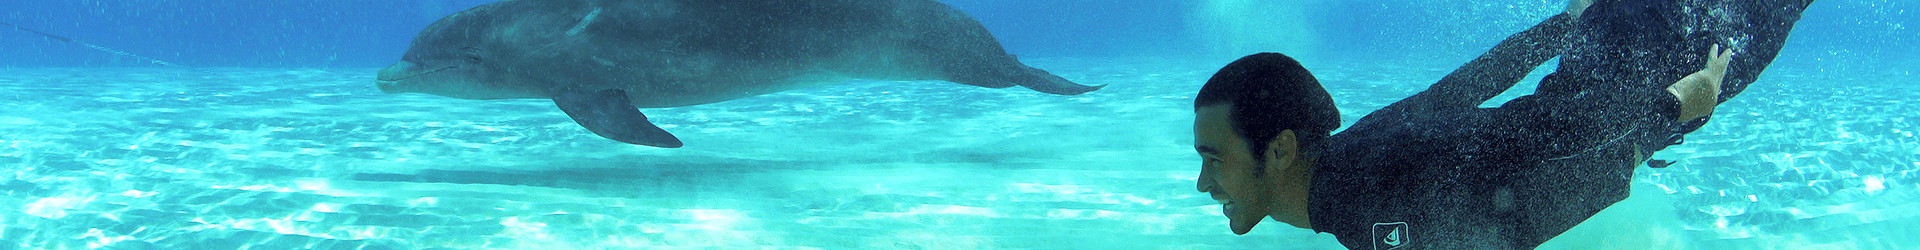 Sliderdolphin